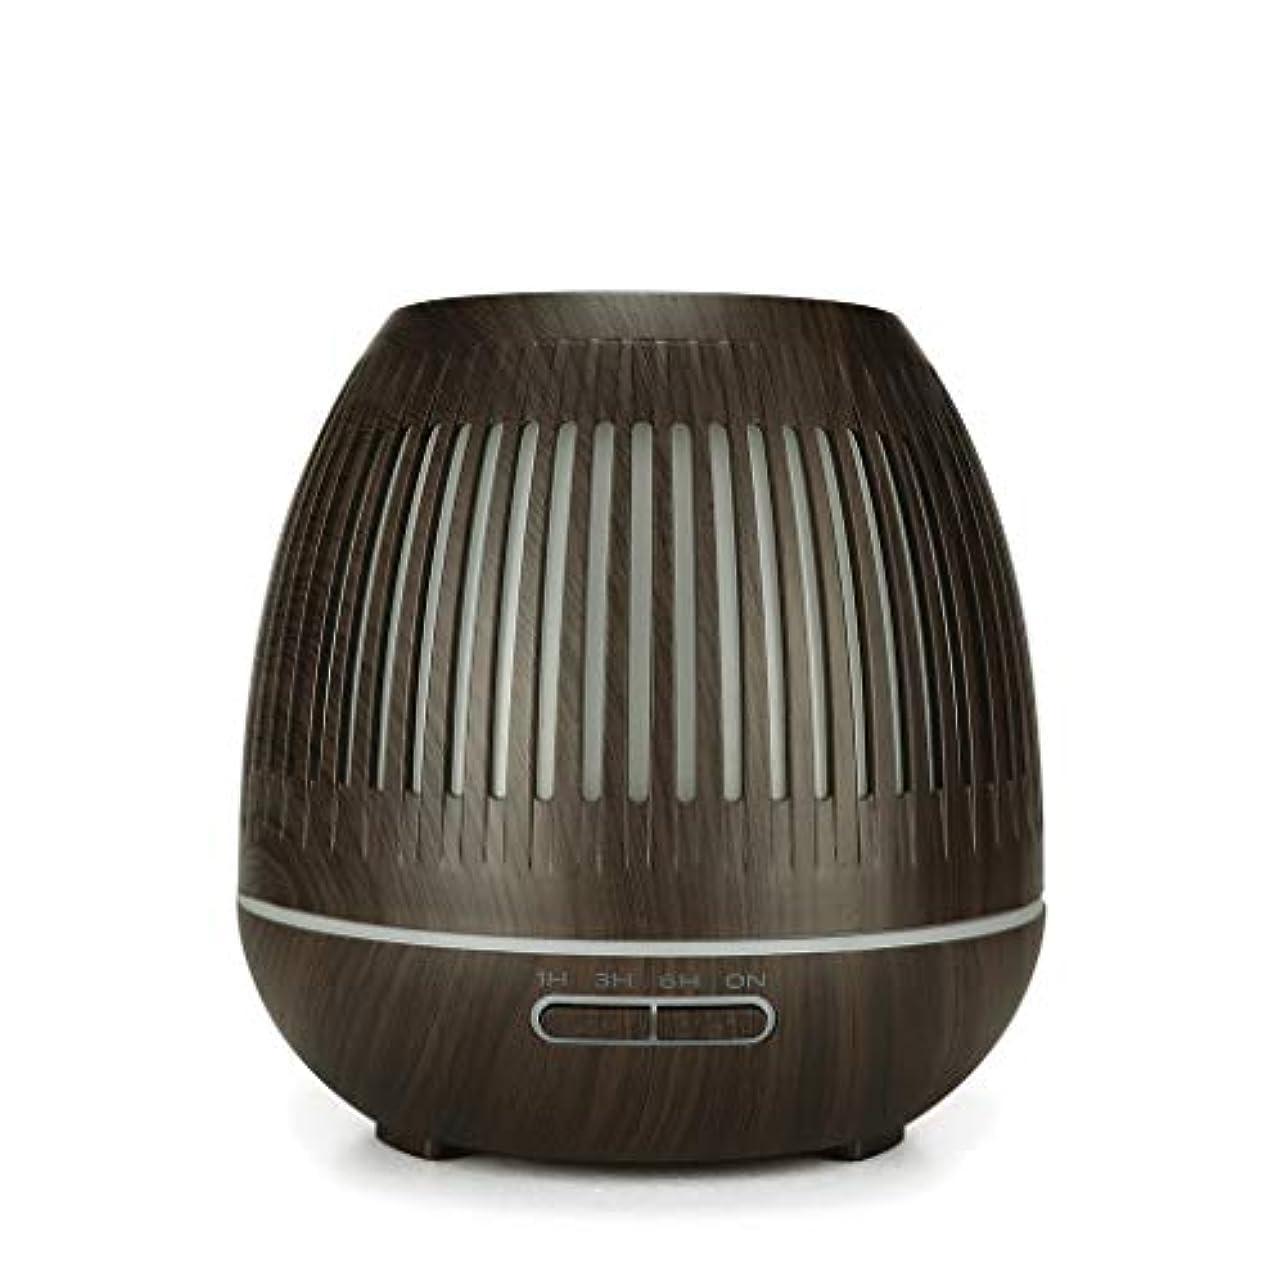 シンカン弁護士信仰400ミリリットル超音波クールミスト加湿器付きカラーledライト用ホームヨガオフィススパ寝室ベビールーム - ウッドグレインディフューザー (Color : Dark wood grain)